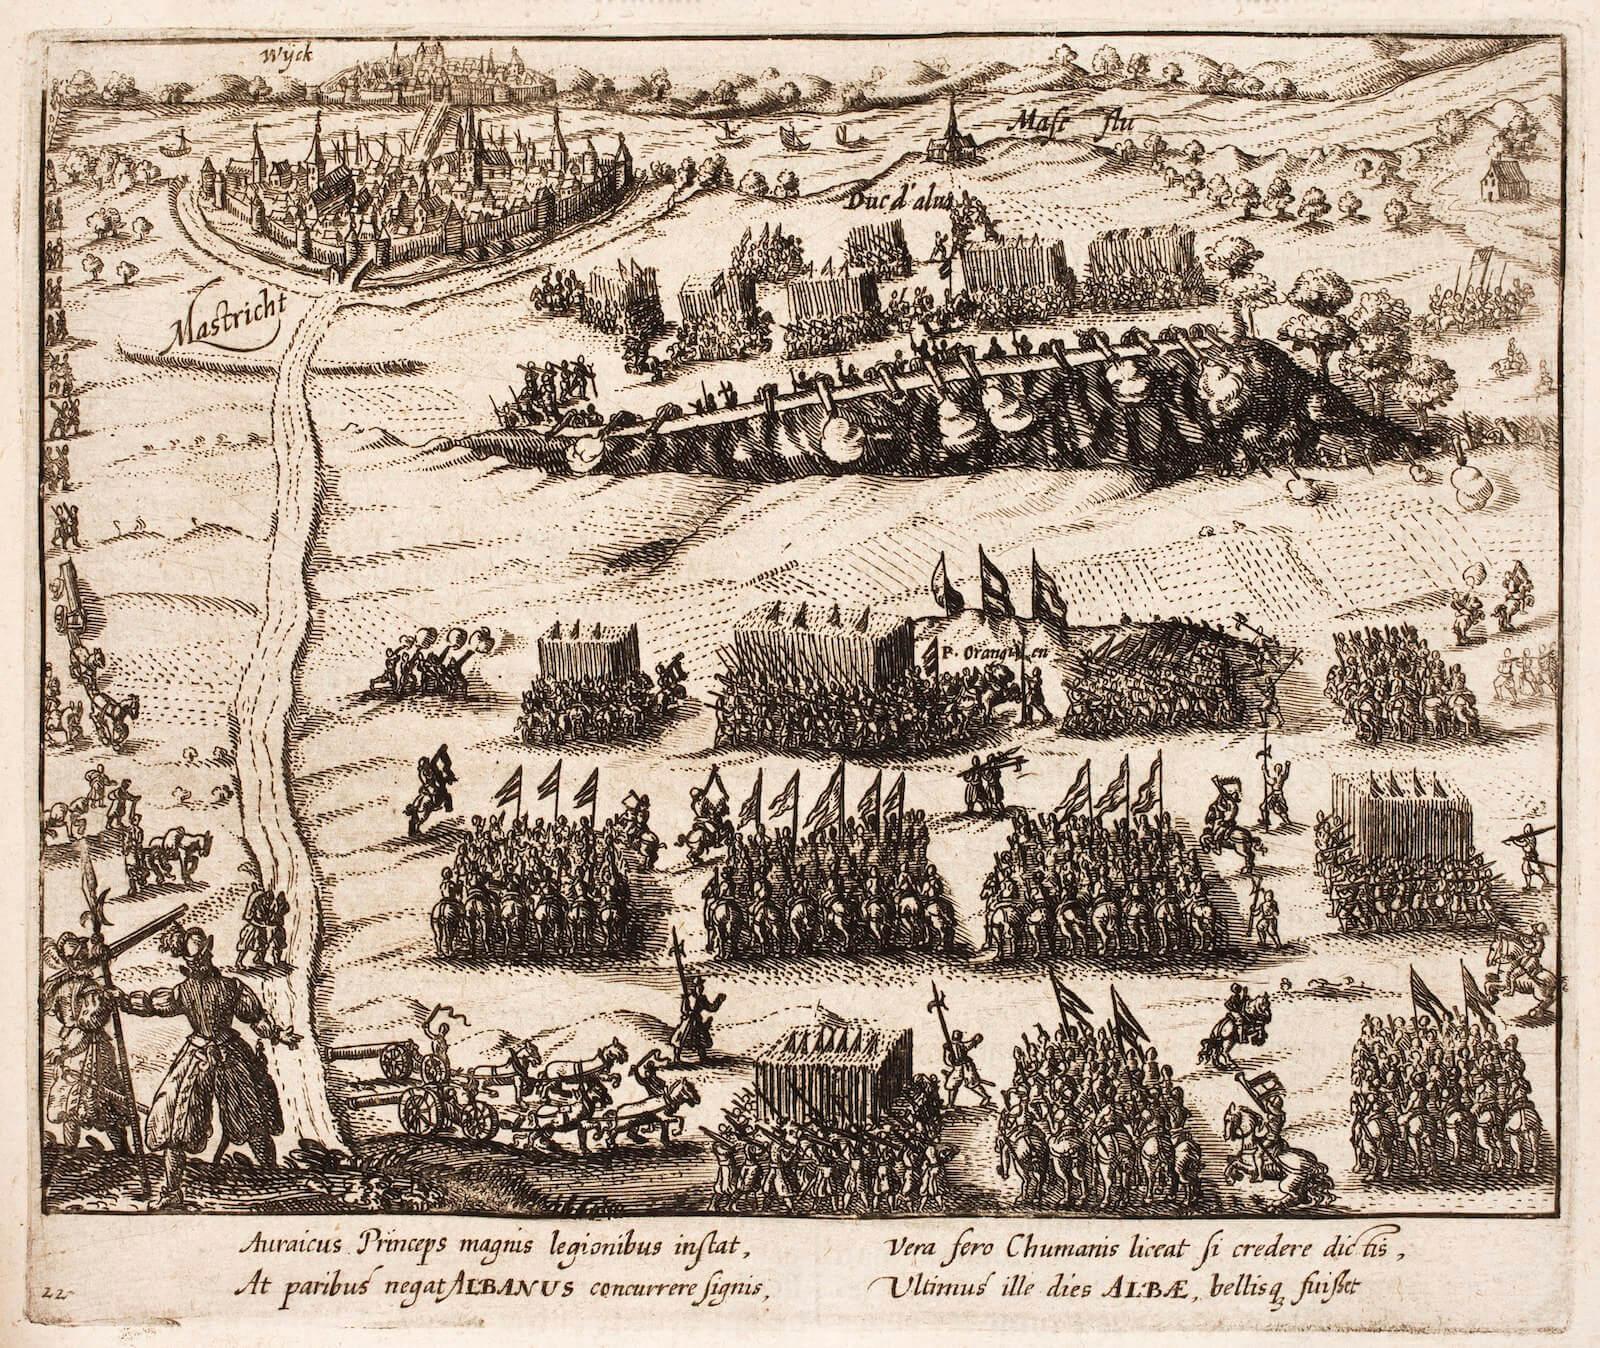 duque de Alba Guillermo de Orange tras el cruce del Mosa